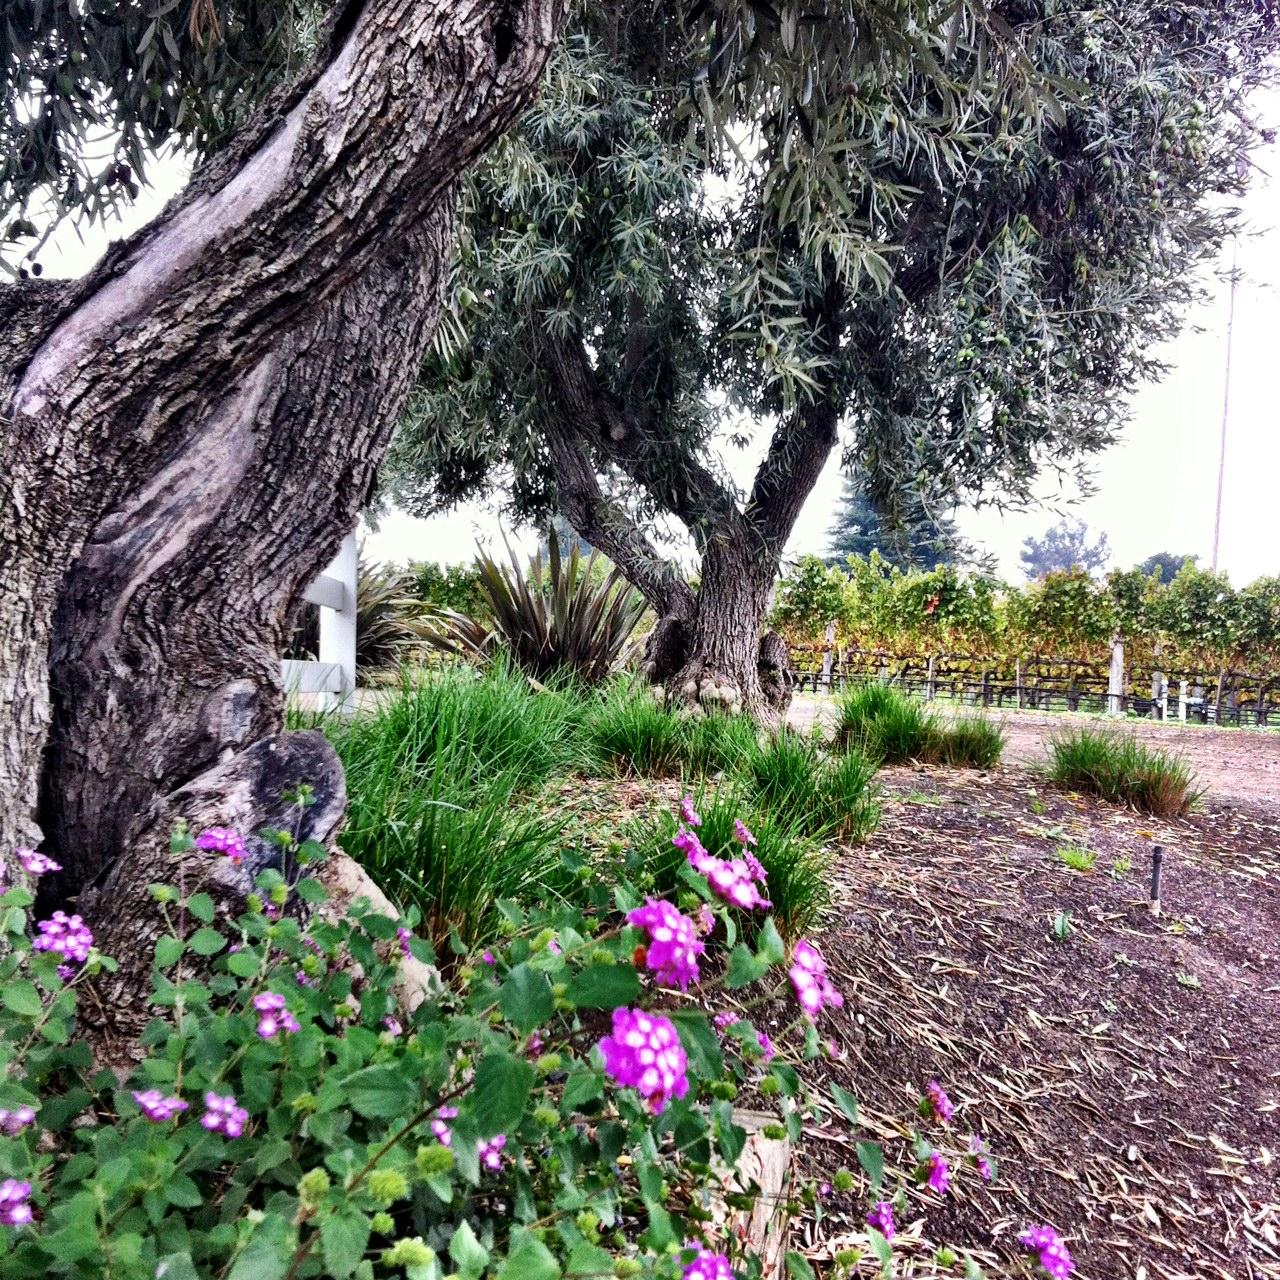 Nickel & Nickel olive trees